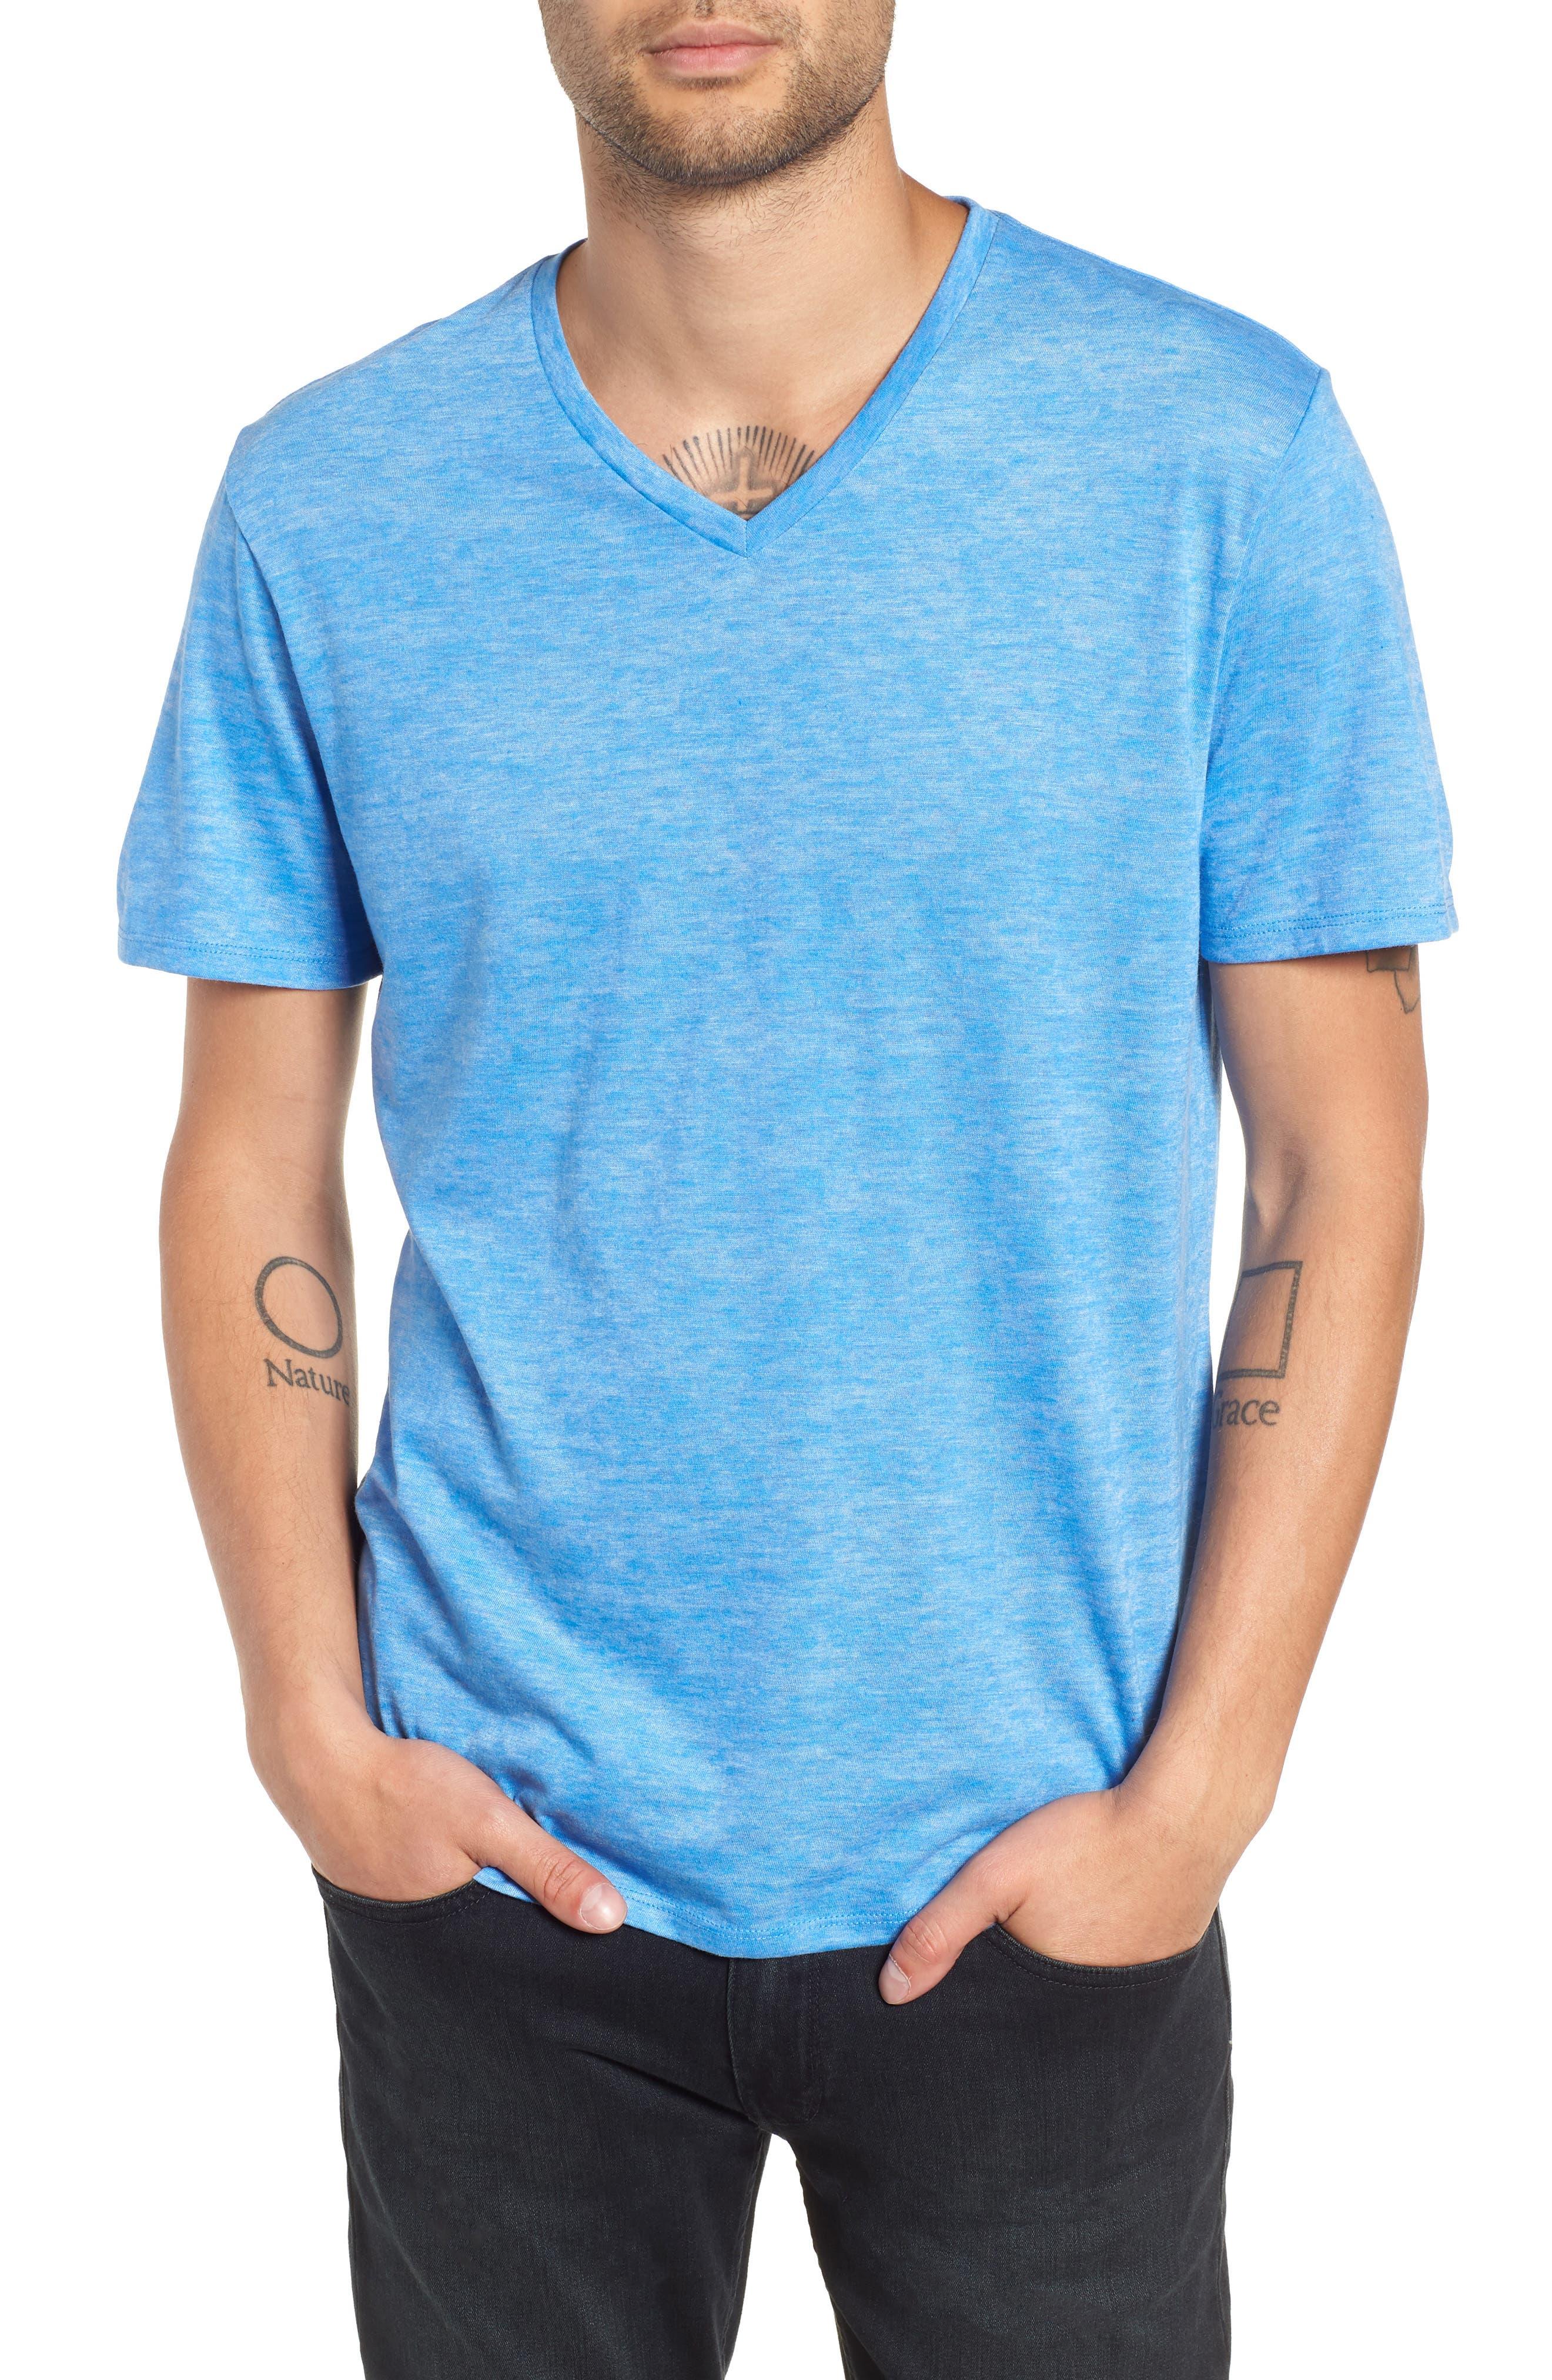 Burnout V-Neck T-Shirt,                         Main,                         color, BLUE BLISS- WHITE BURNOUT